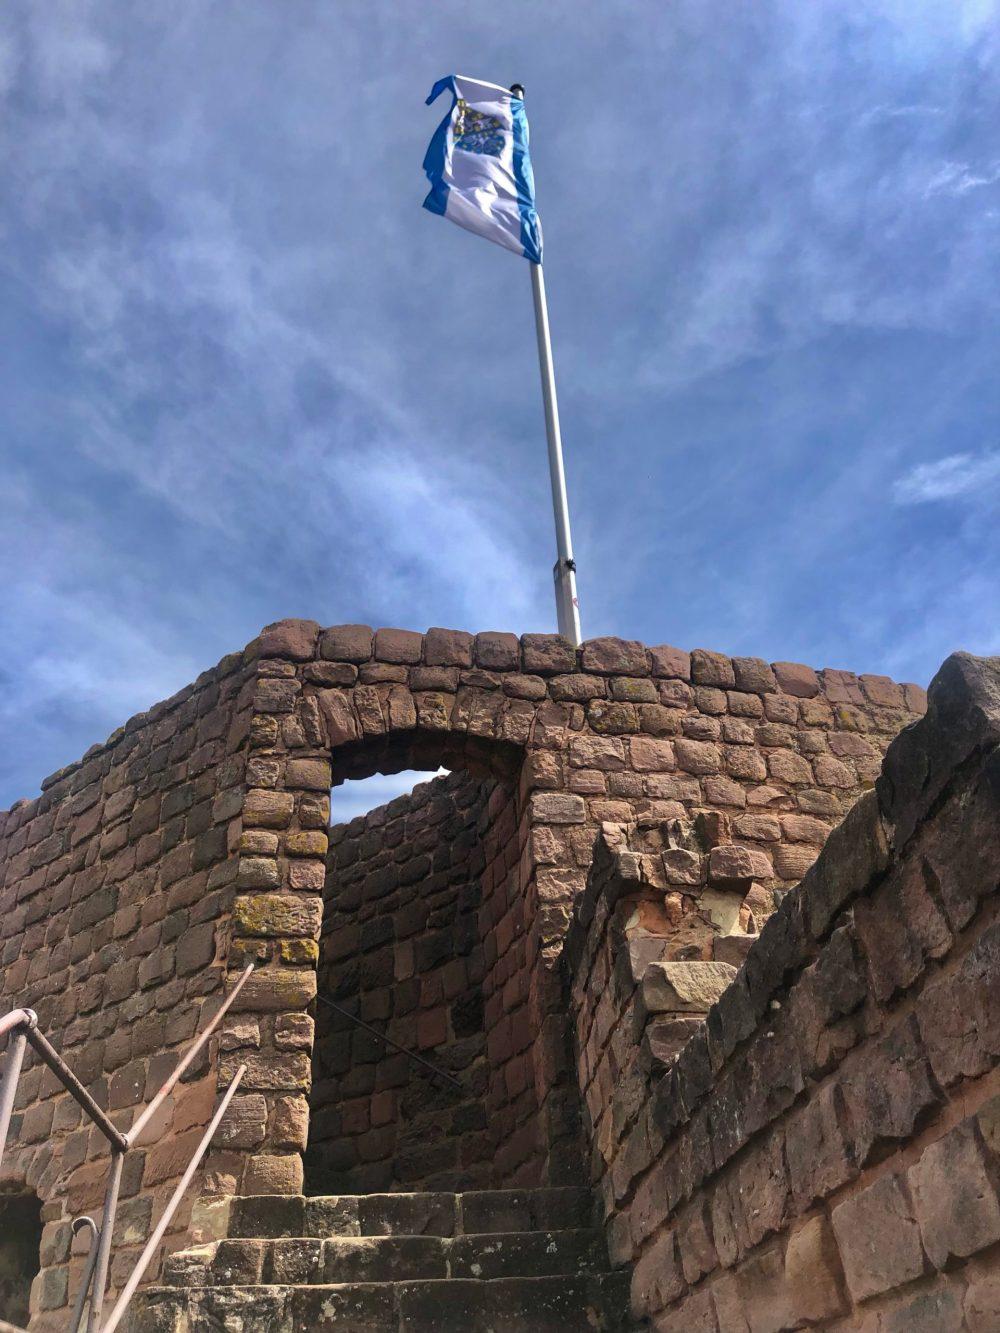 Flagge mit dem Wappen von Neuleiningen auf der Burg